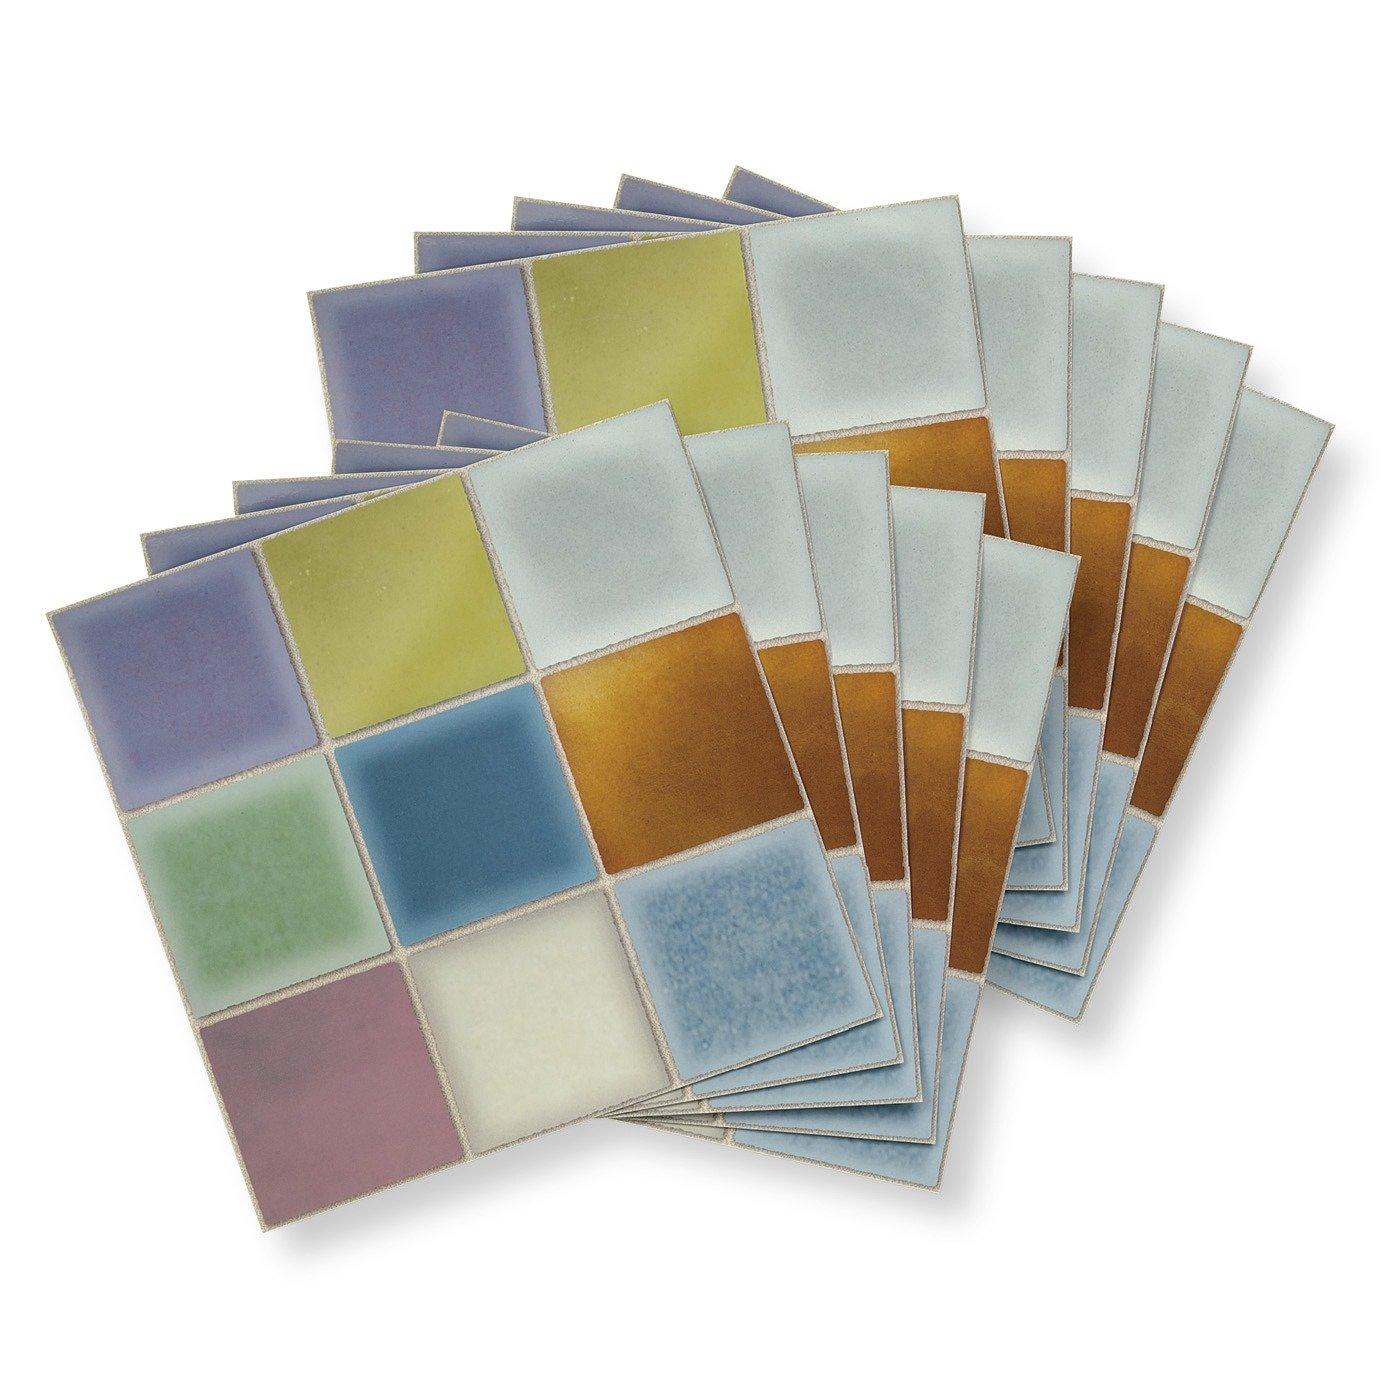 【2個セット初回お試し】汚れがふき取りやすい 30cm角のスクエアタイル壁紙シール〈パステルレインボー〉の会